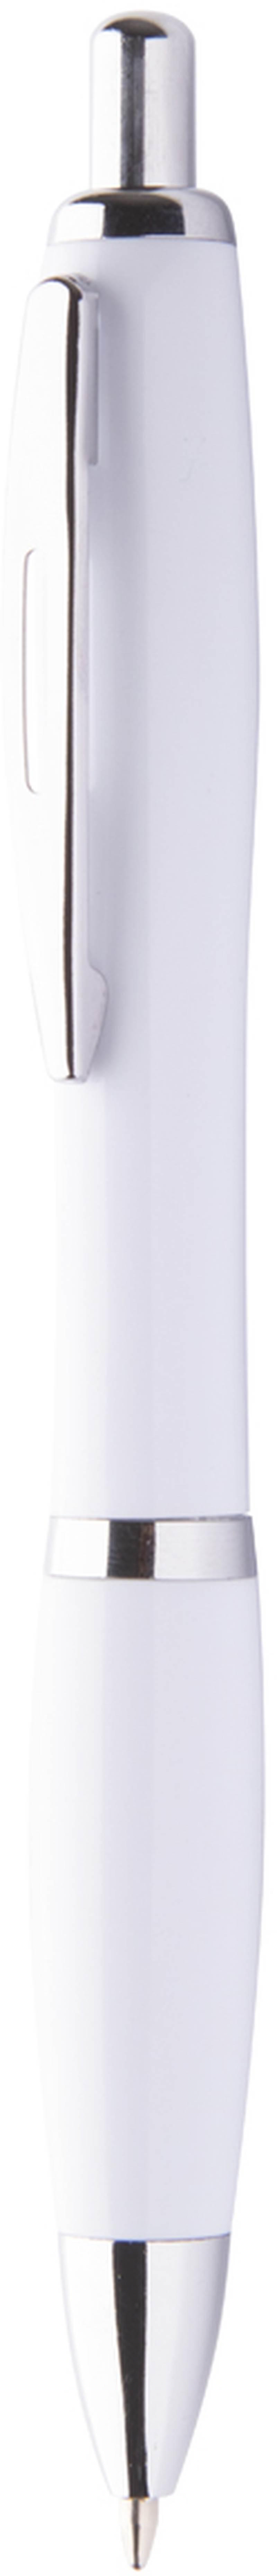 Wumpy Clean anti-bakteriální pero